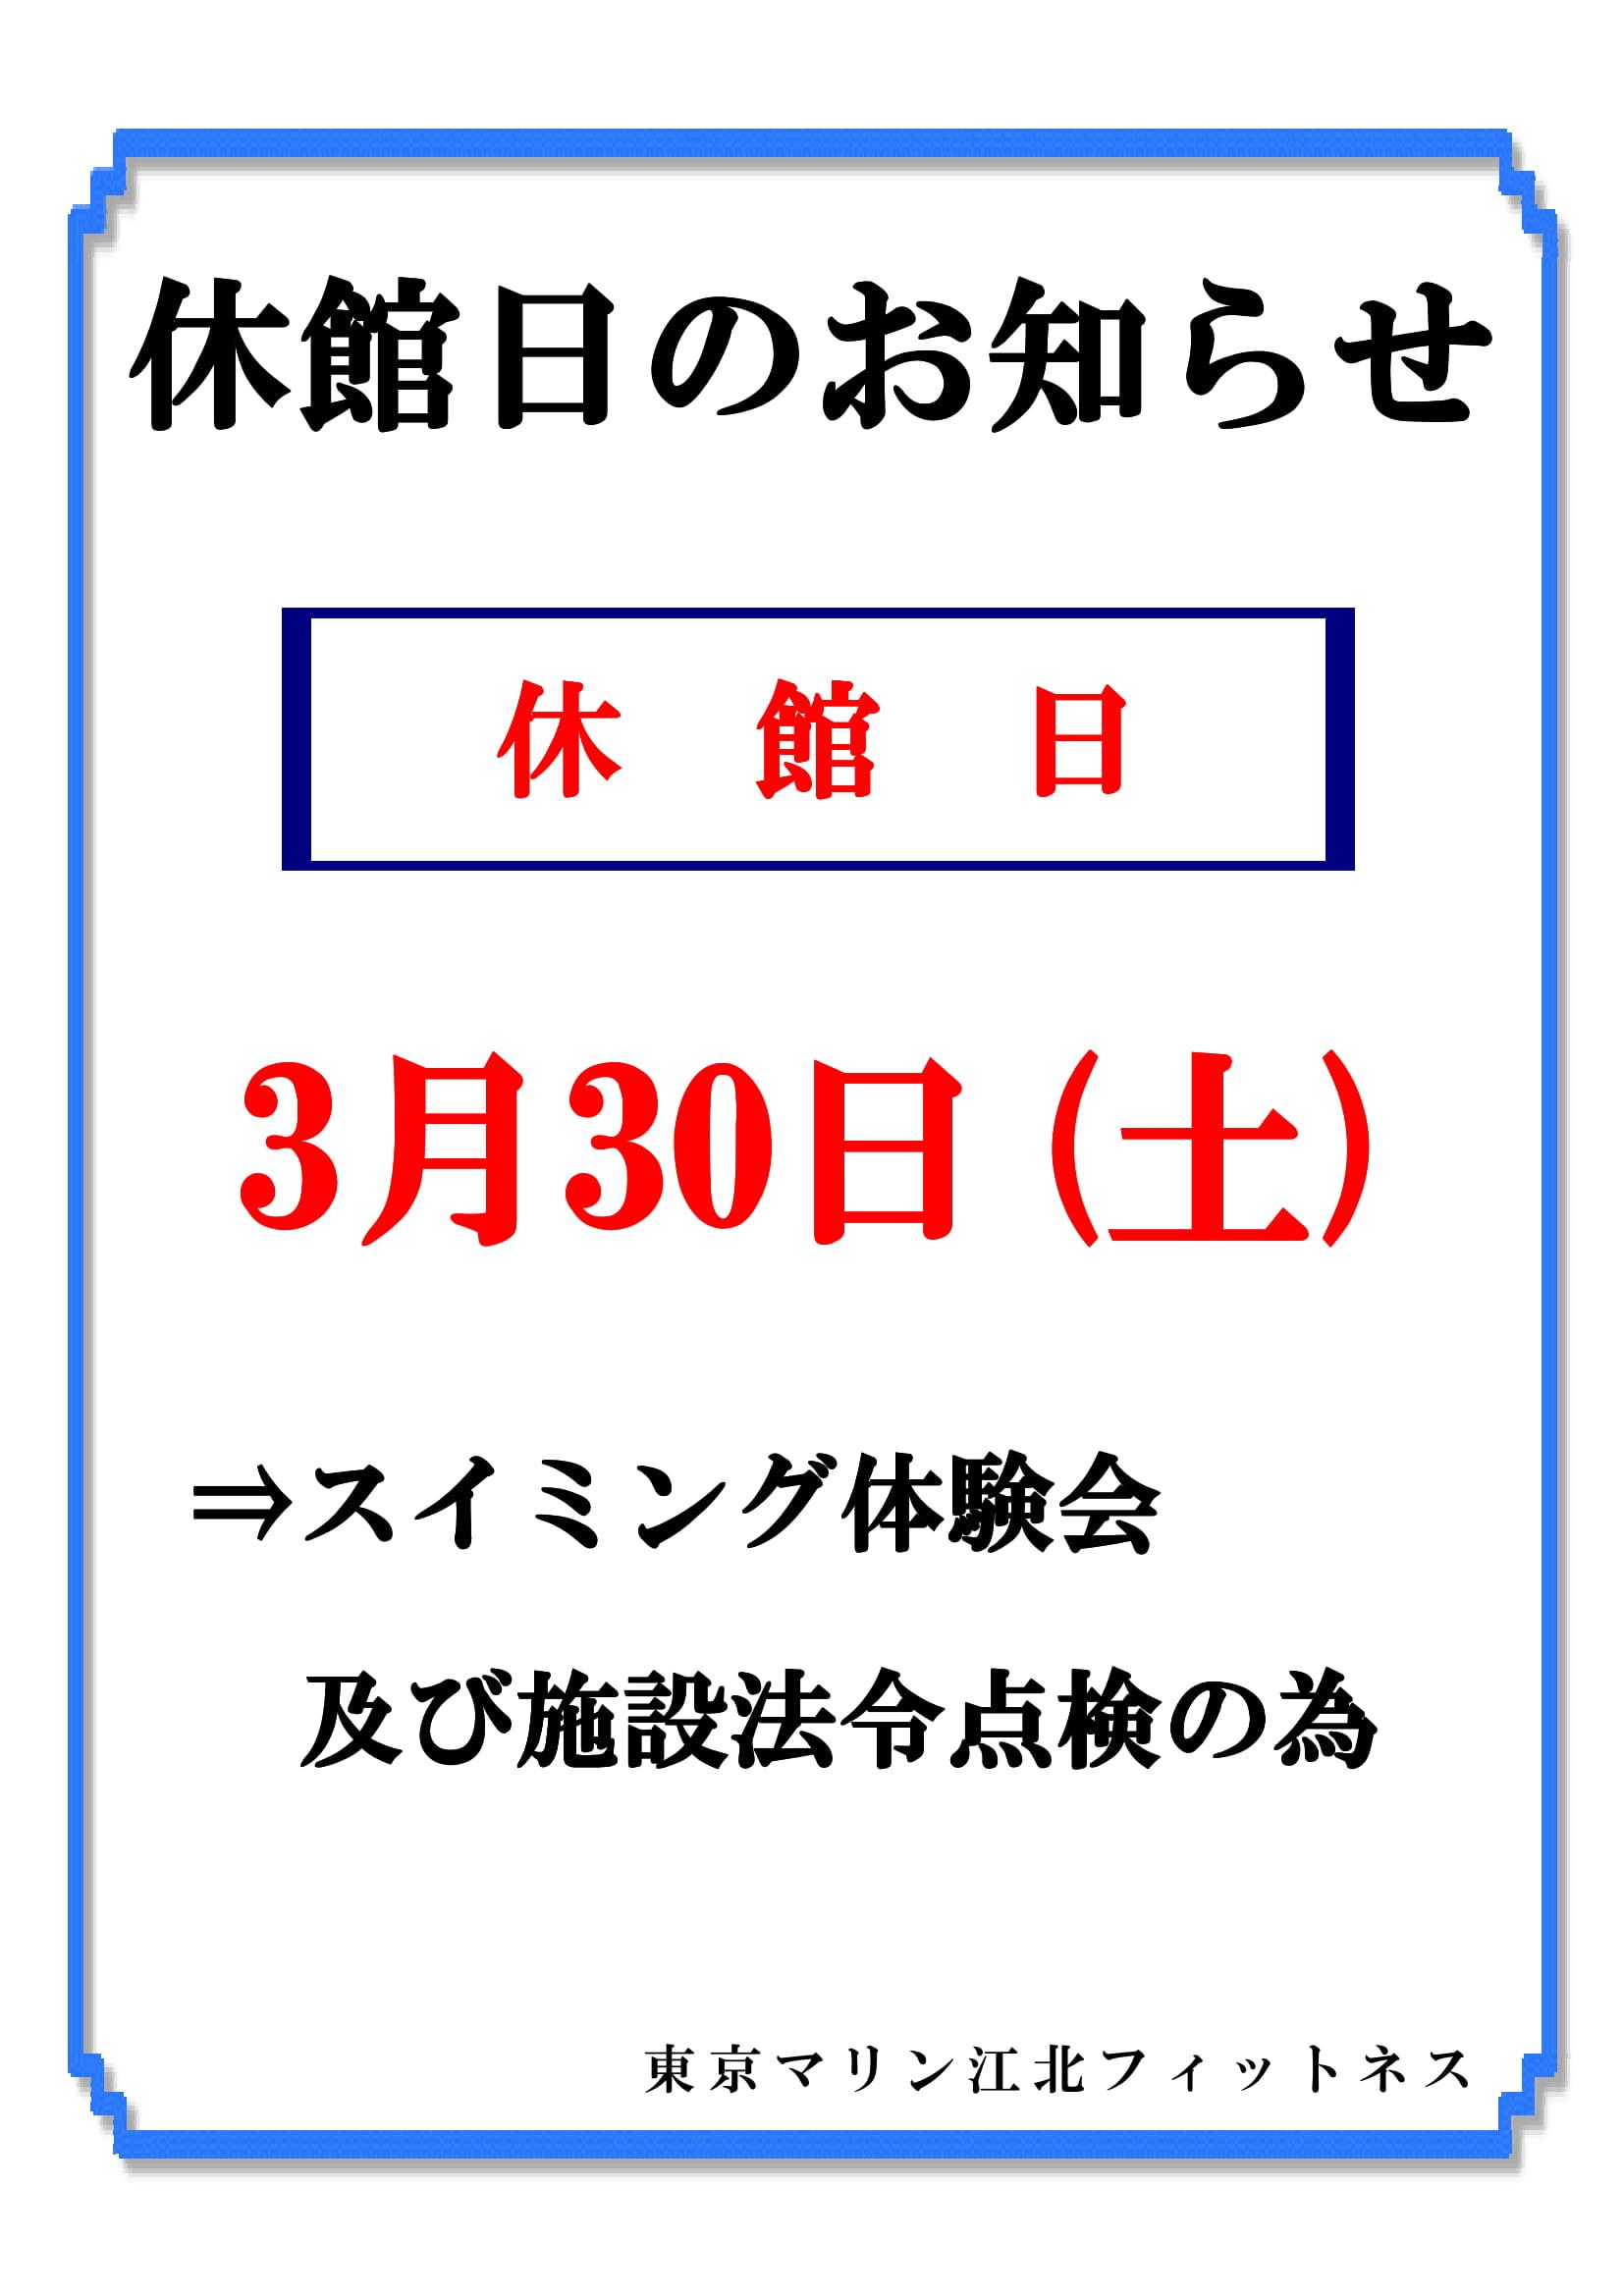 江北フィットネス 休館日のお知らせ